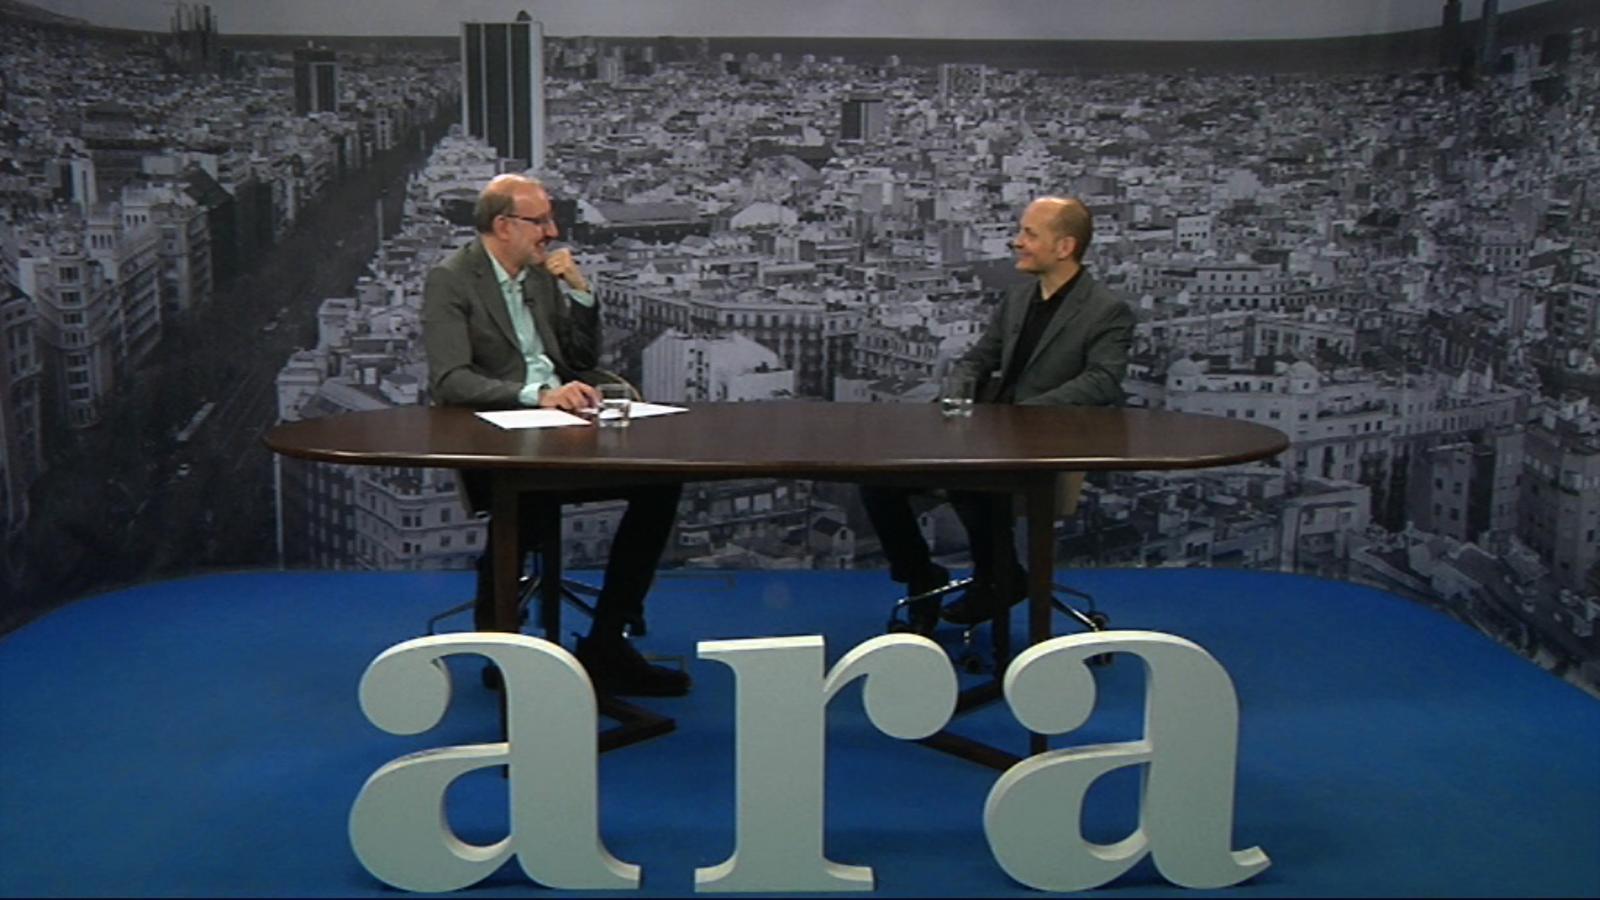 Entrevista d'Antoni Bassas a Xavier Trepat